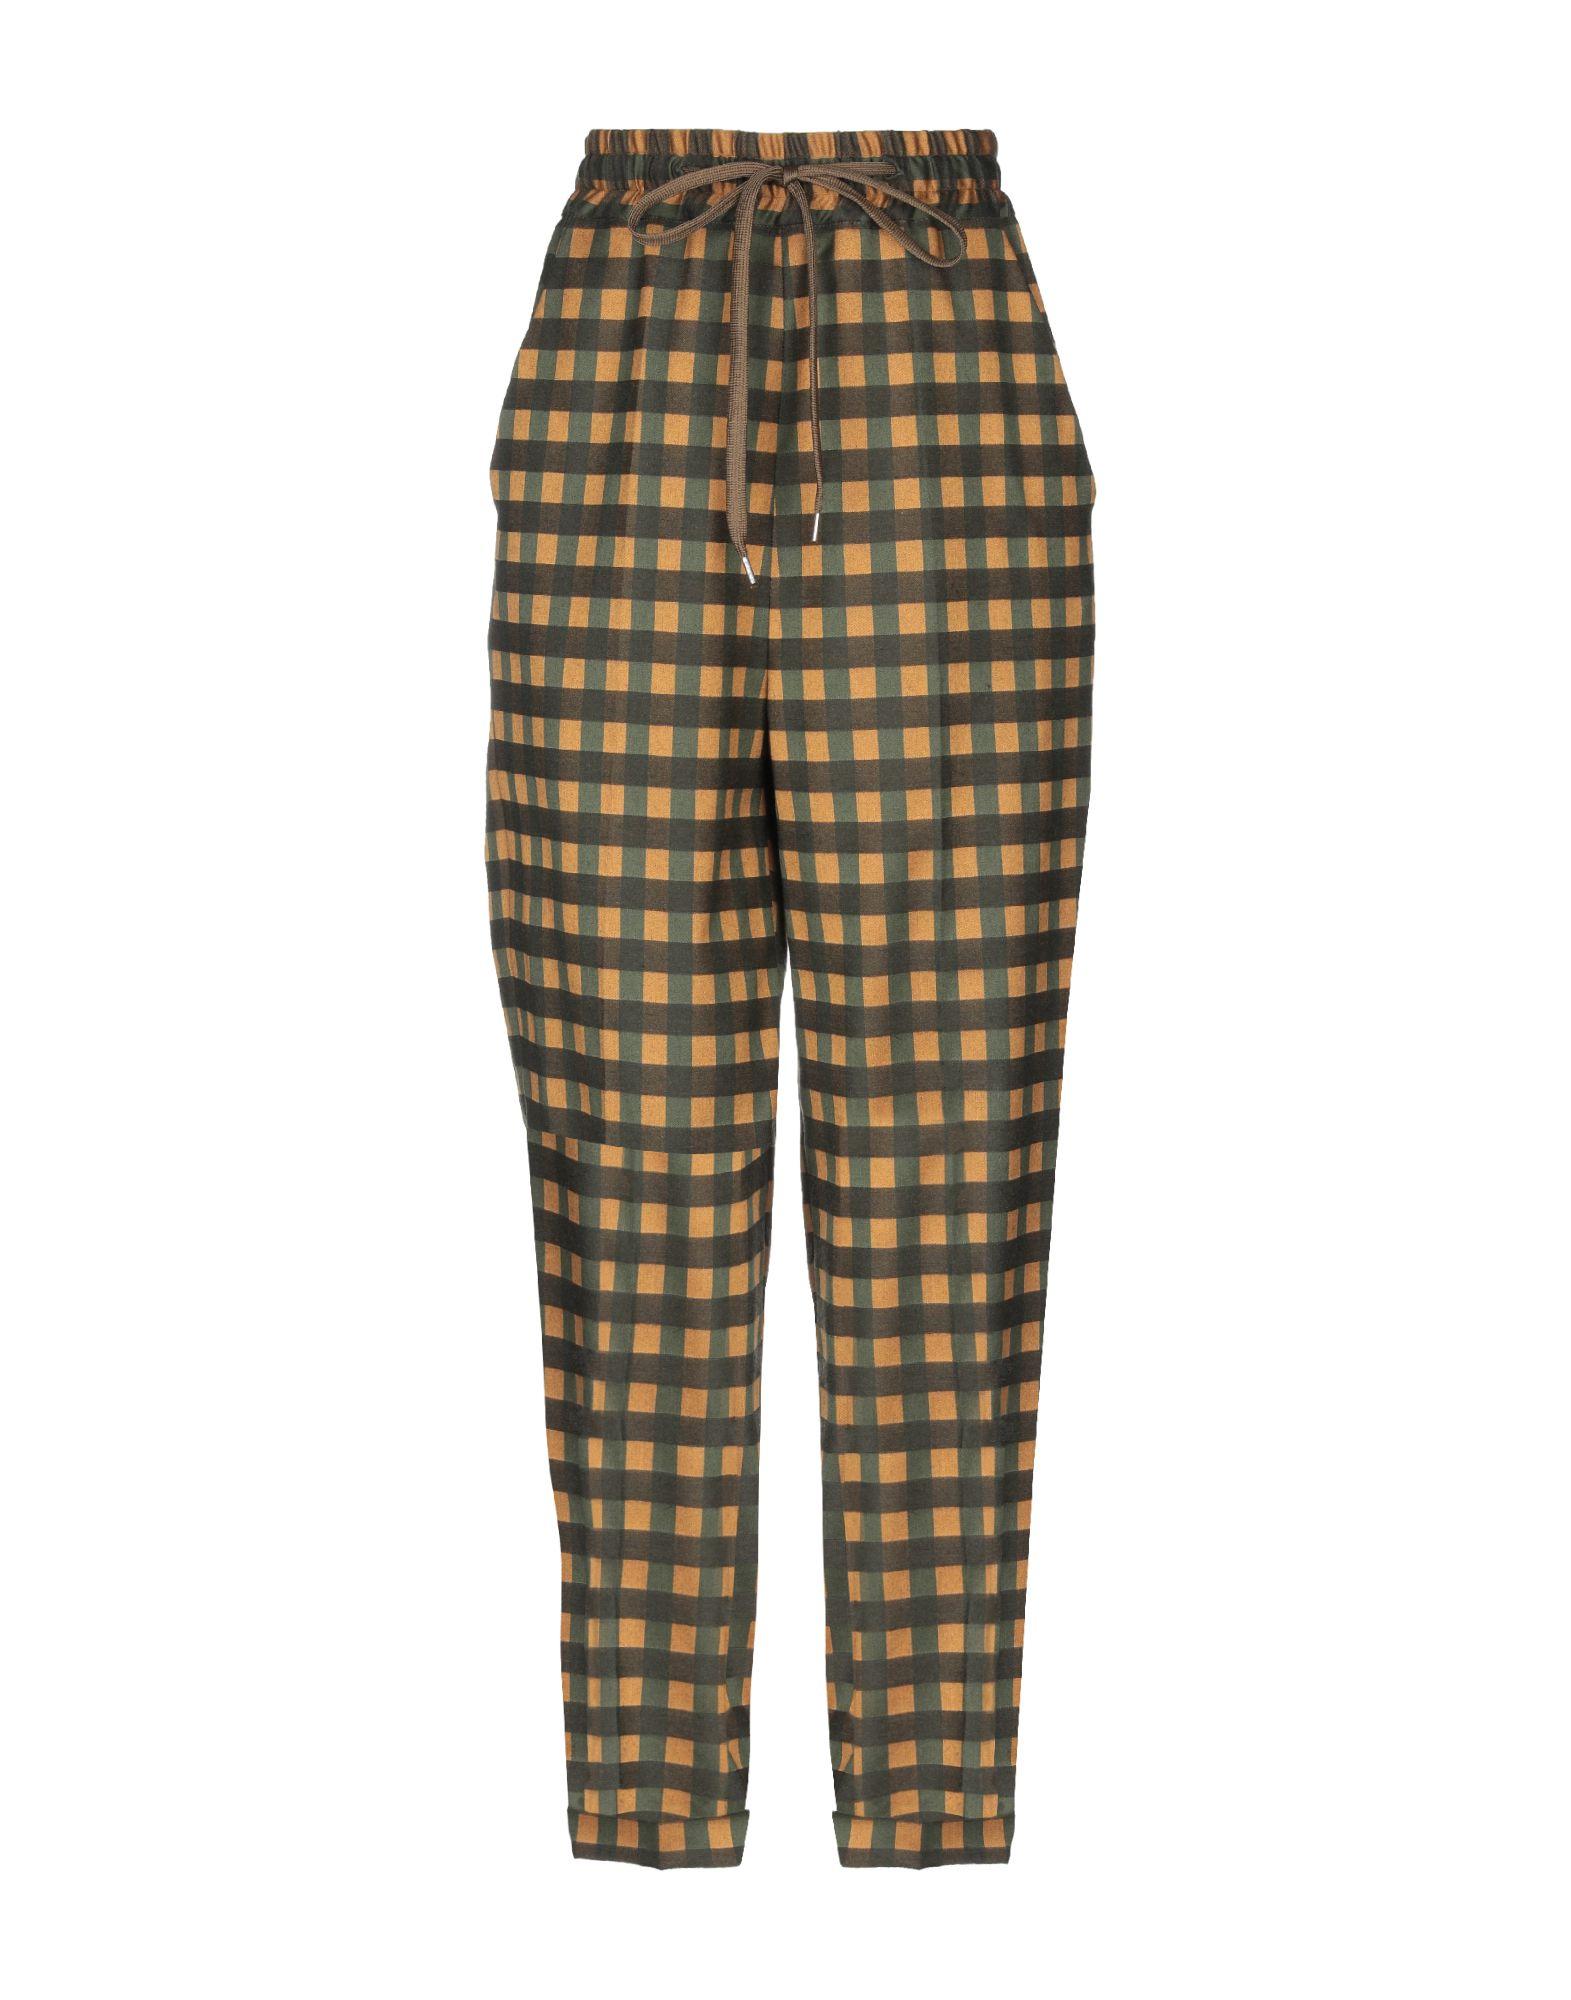 ALYSI Повседневные брюки брюки широкие с принтом в клетку виши